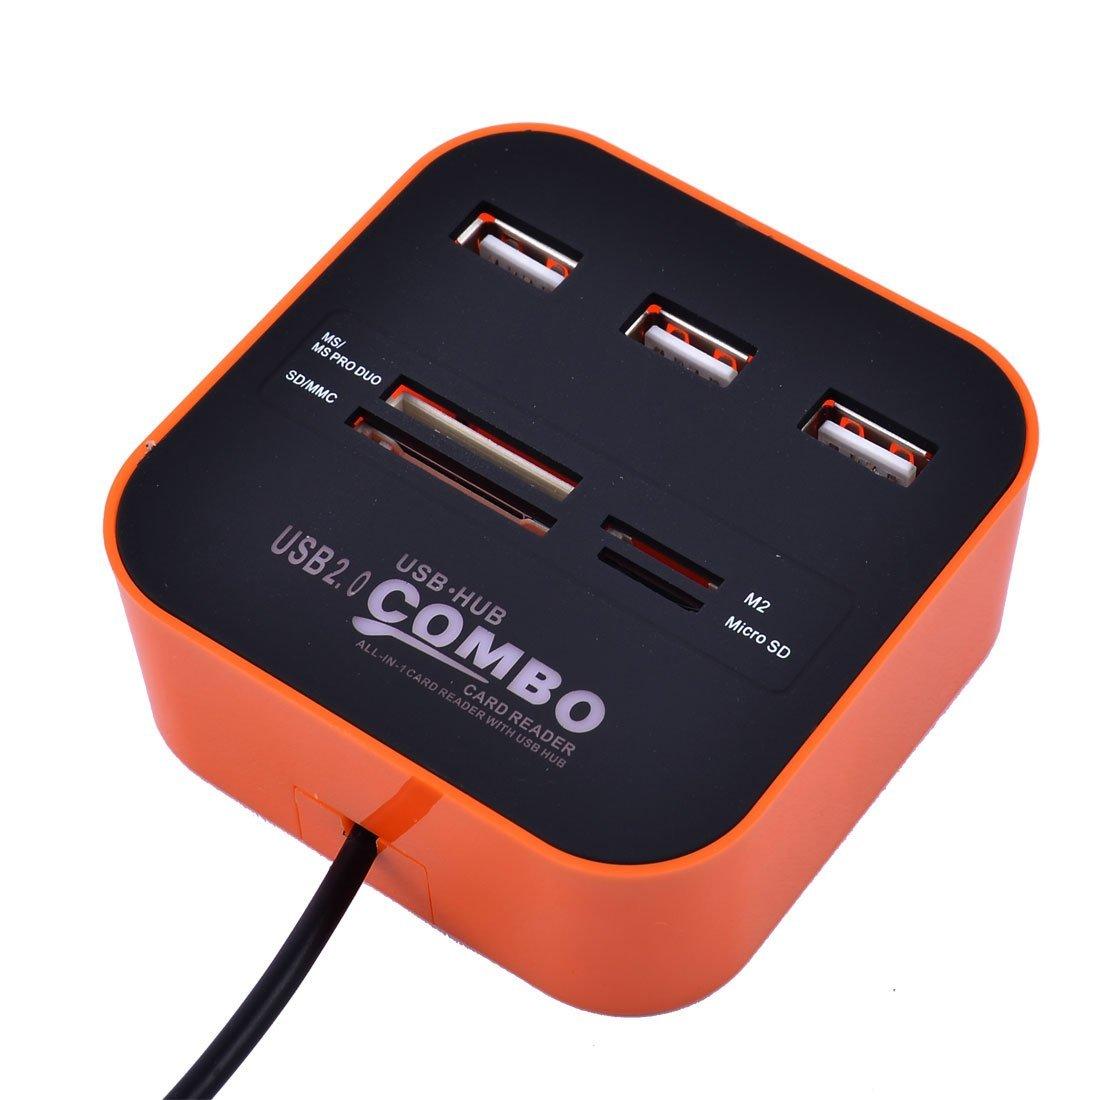 Amazon.com: eDealMax PC portátil de tarjeta de Memoria Luz LED DE 7 puertos USB 2.0 Hub USB Peine Tarjeta Naranja del Lector: Electronics